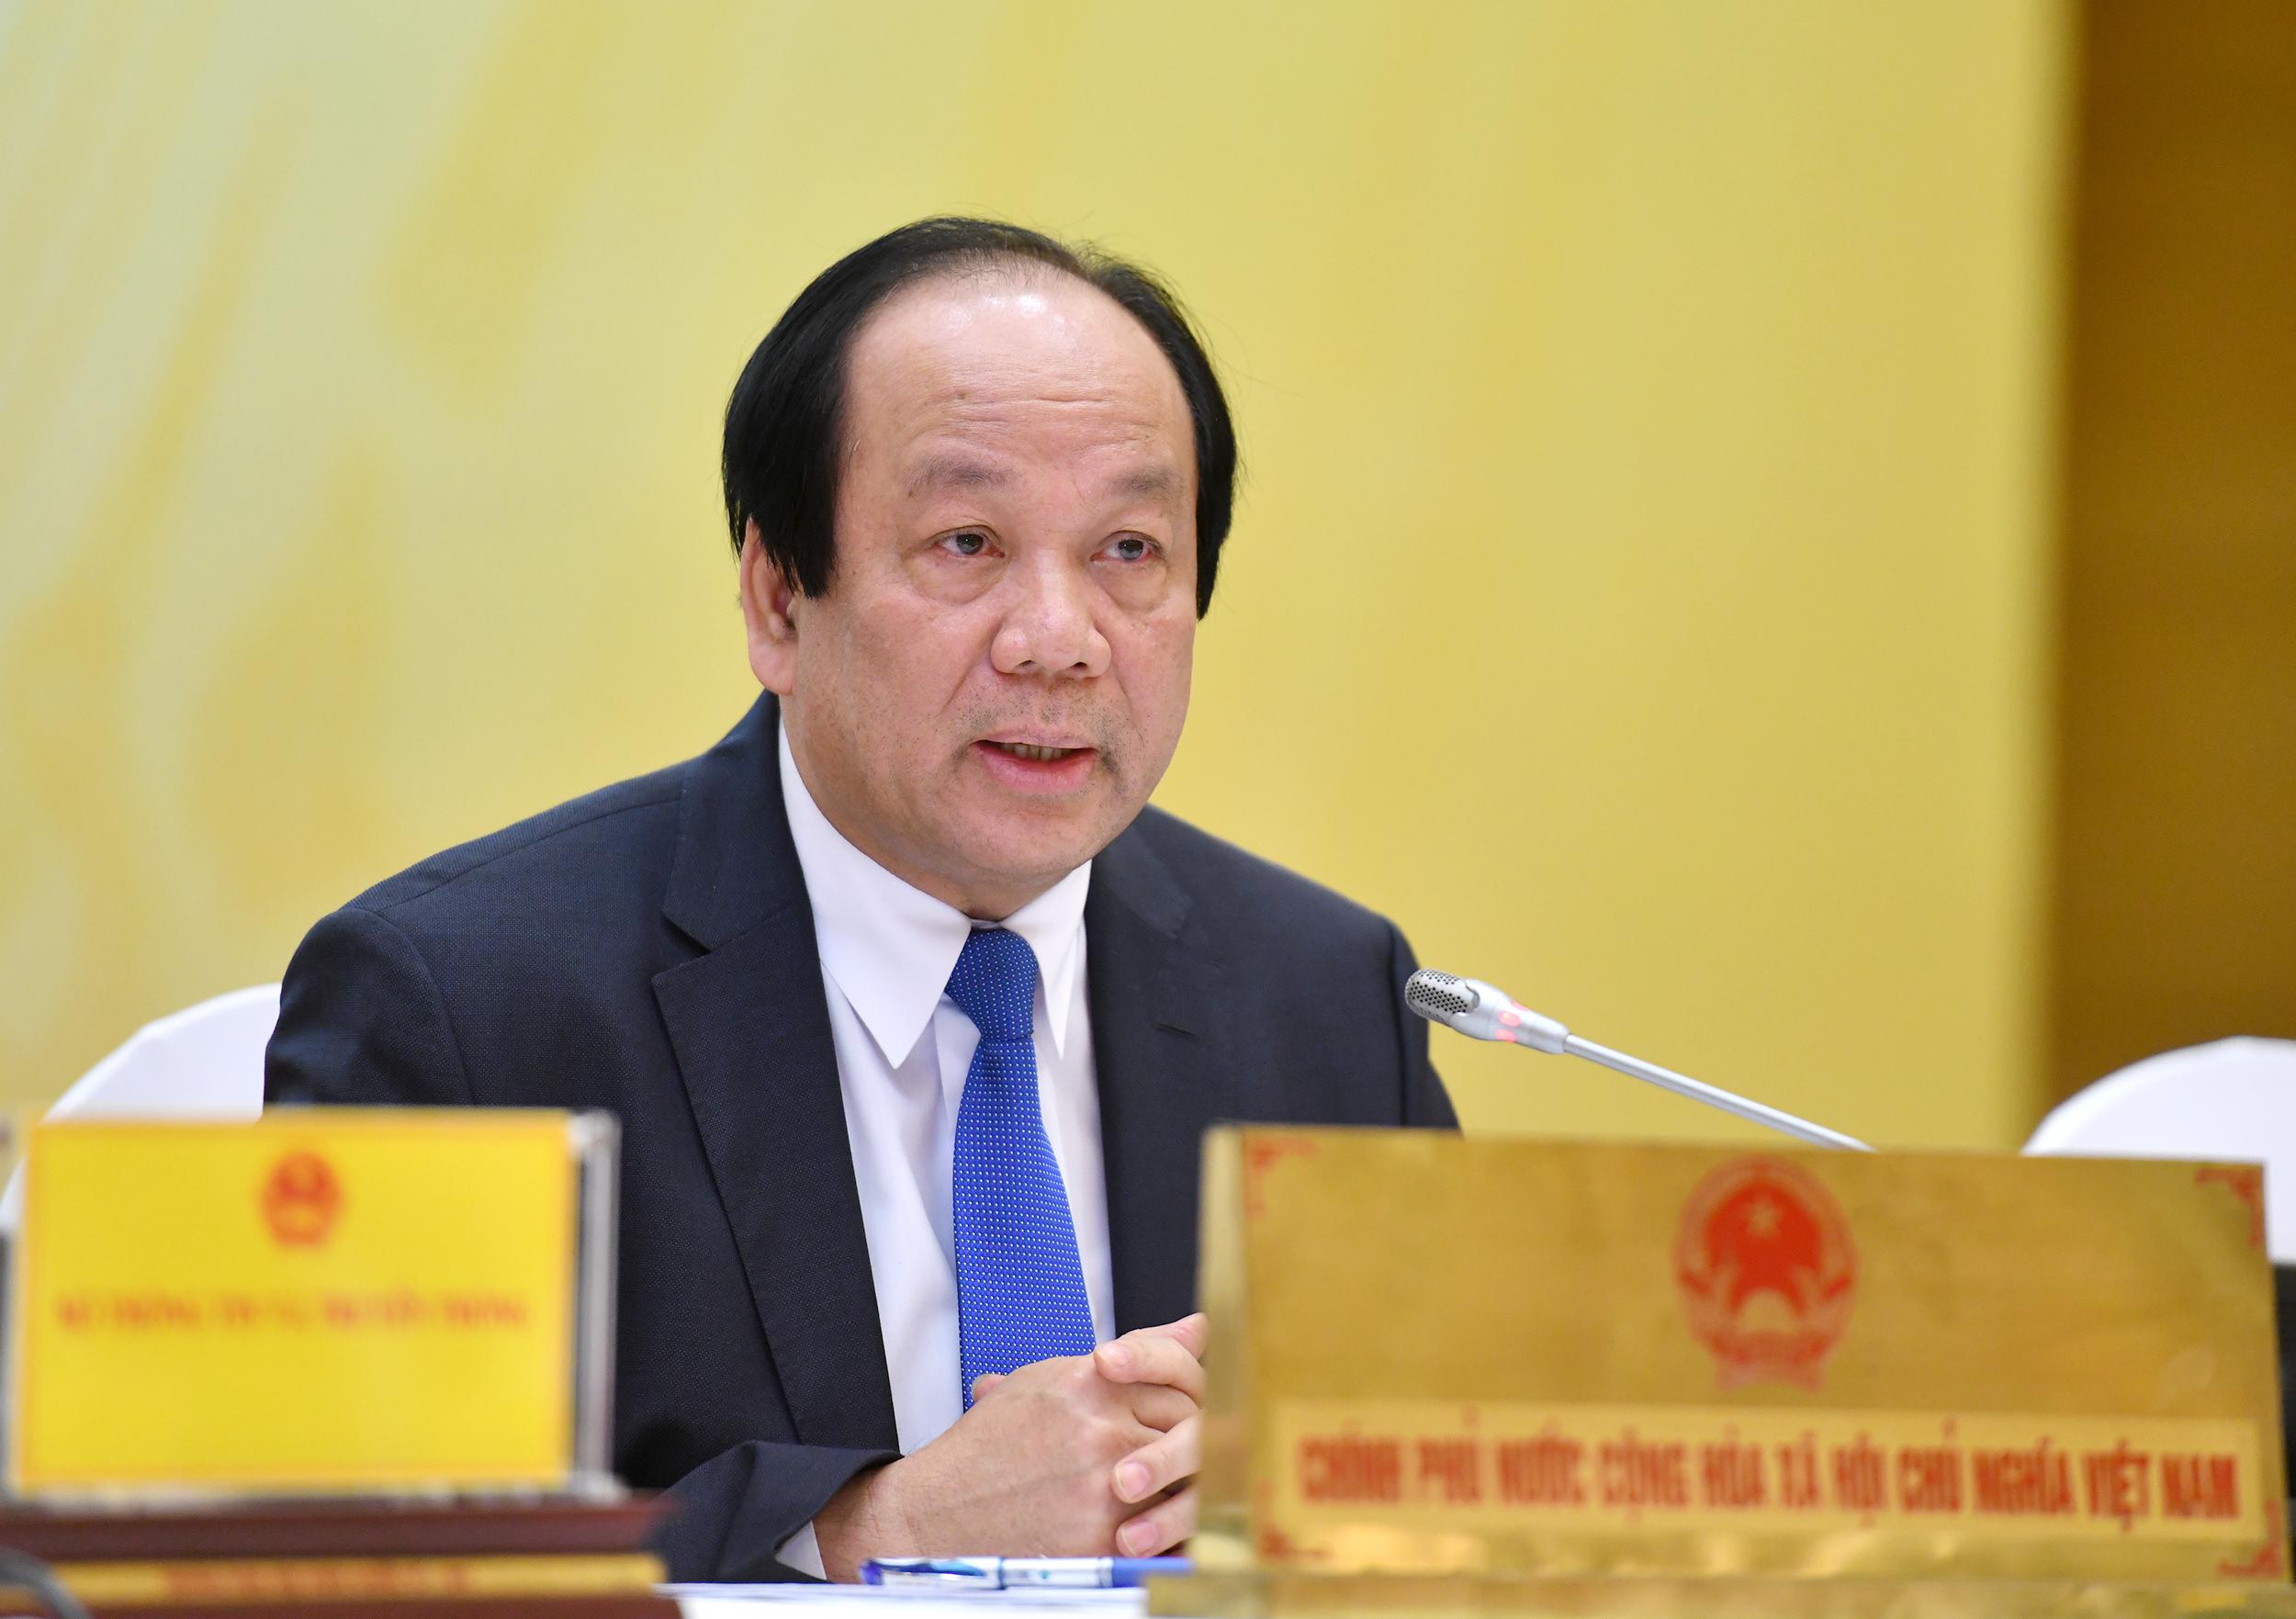 Thủ tướng yêu cầu lấy ý kiến rộng rãi về dự thảo nghị định Luật An ninh mạng